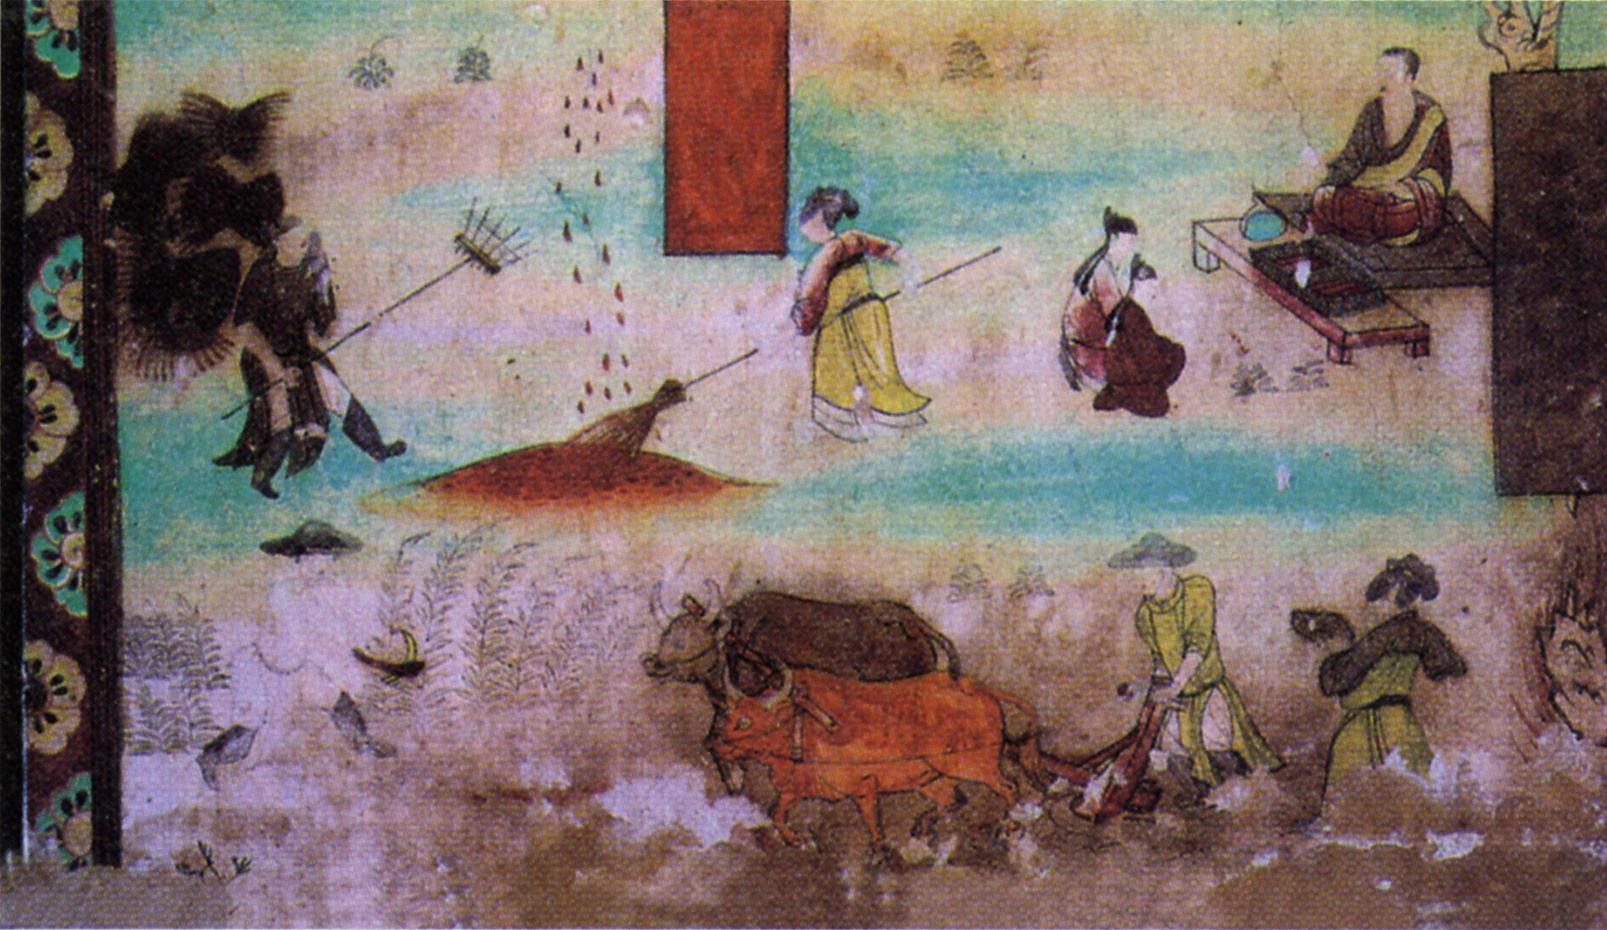 敦煌壁画《弥勒经变局部·农耕》。 视觉中国 资料图